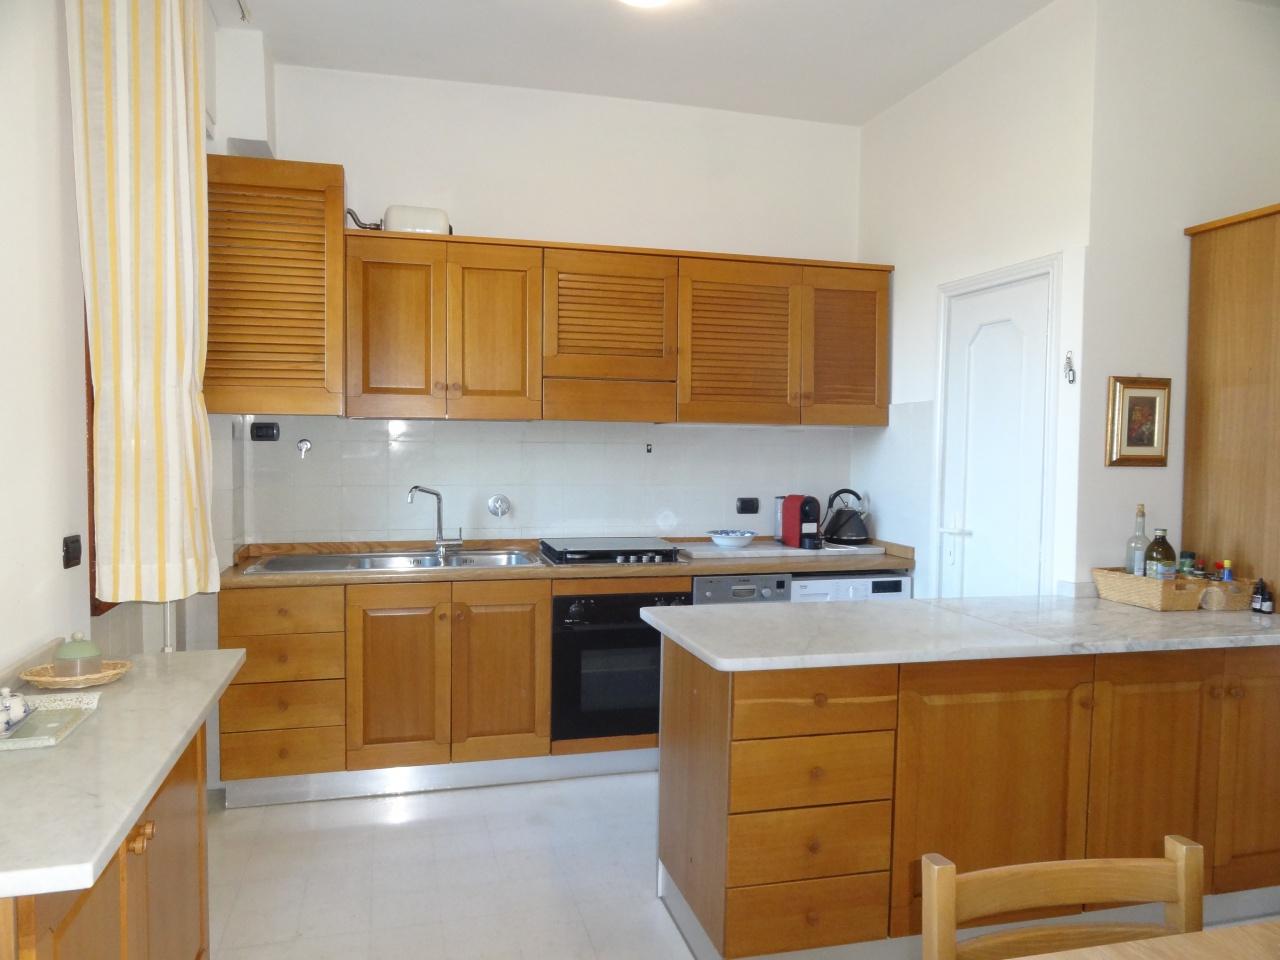 Appartamento arredato composto da ingresso, soggiorno, cucina abitabile, 3 camere, 2 servizi, ripostiglio, terrazzo, giardino, posto auto, termosingolo.